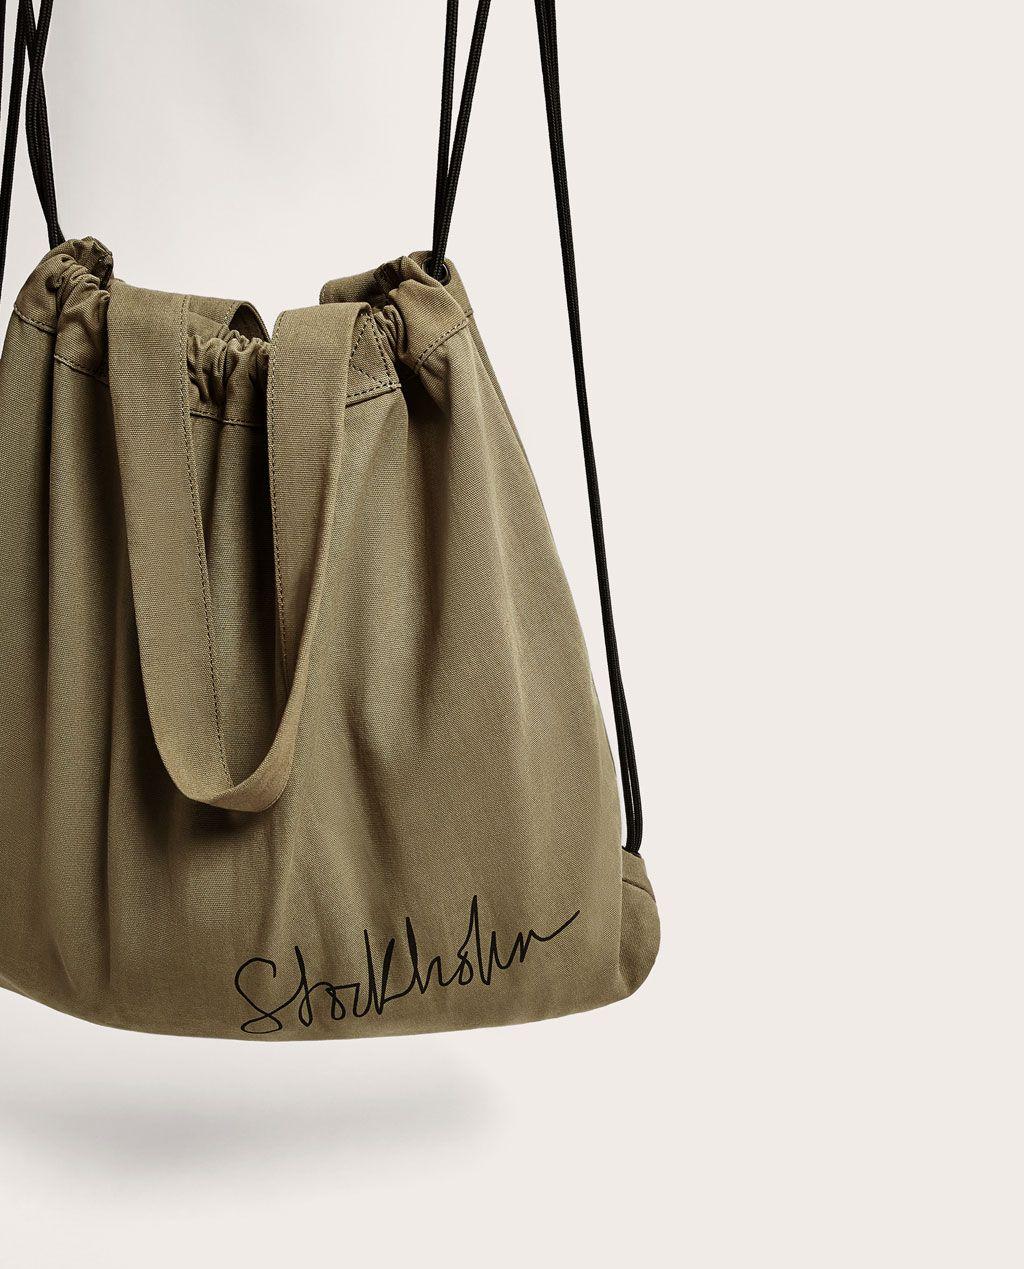 7935b97cac25 СУМКА-ШОПЕР ИЗ ТКАНИ - В наличии имеются другие цвета | сумка ...